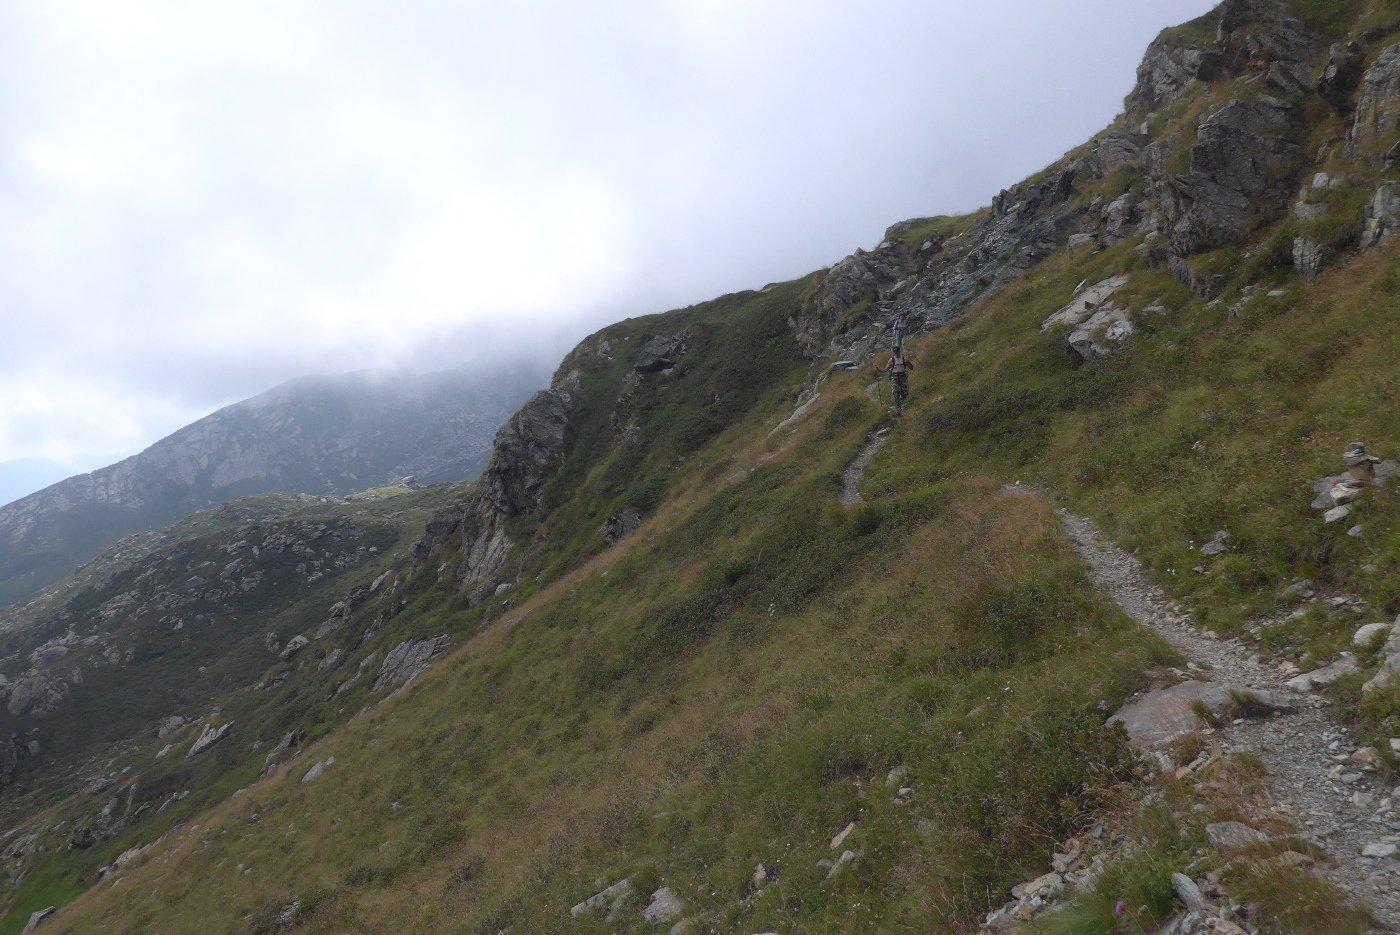 Sul sentiero verso il lago di Viana